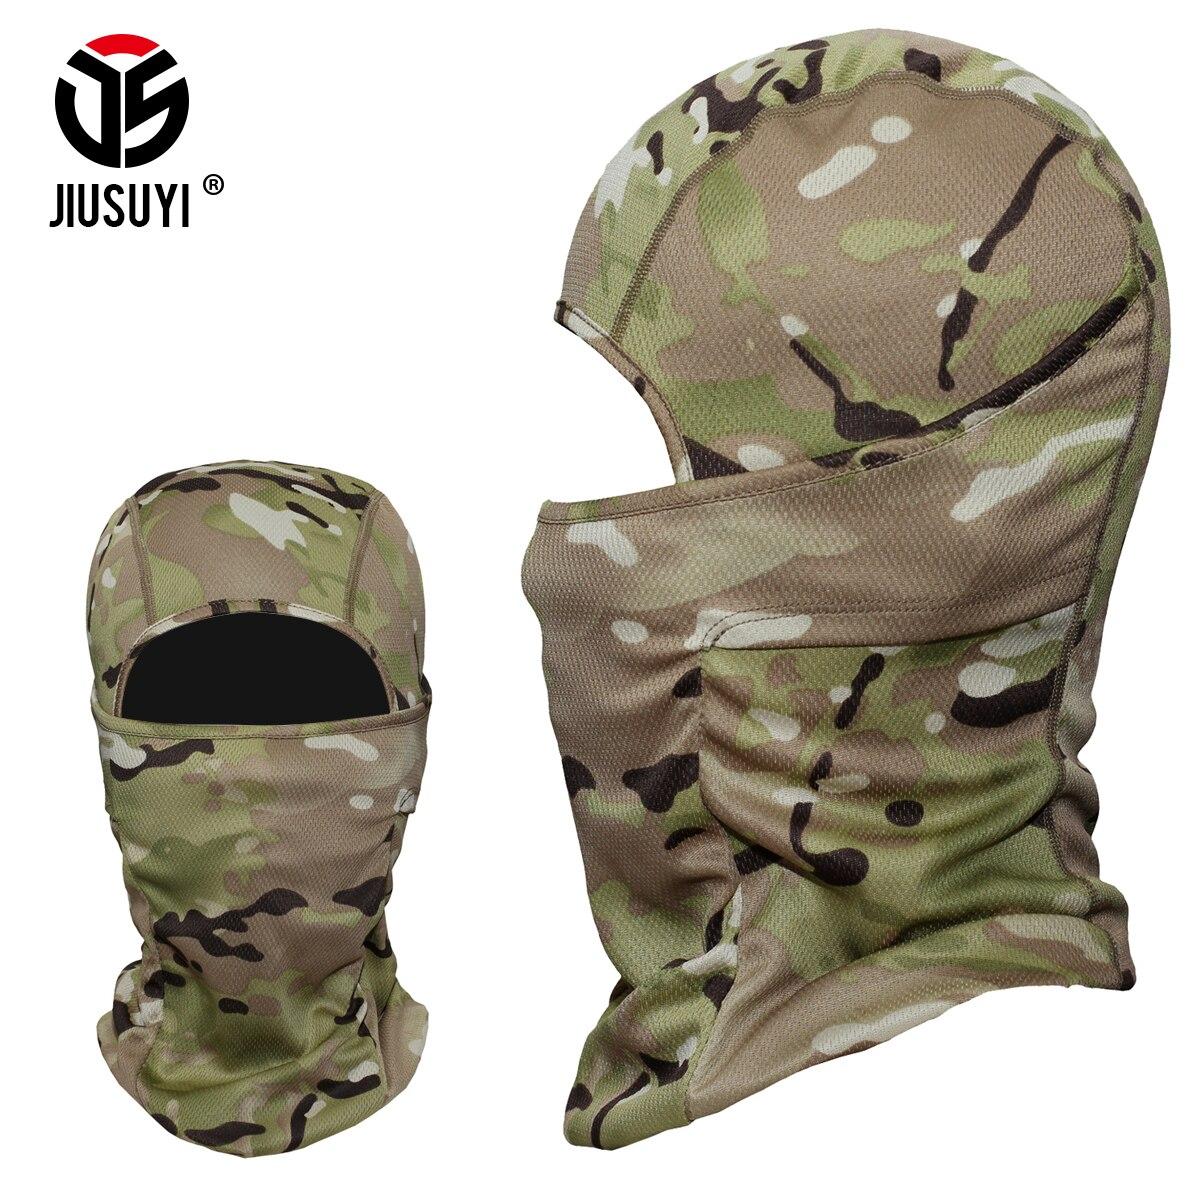 Jagd Caps Heißer Verkauf Unisex Hohe Qualität Outdoor Woodland 3d Blatt Sicherheit Camouflage Camo Dschungel Jagd Sonnenschirm Pretend Armee Helm Hüte